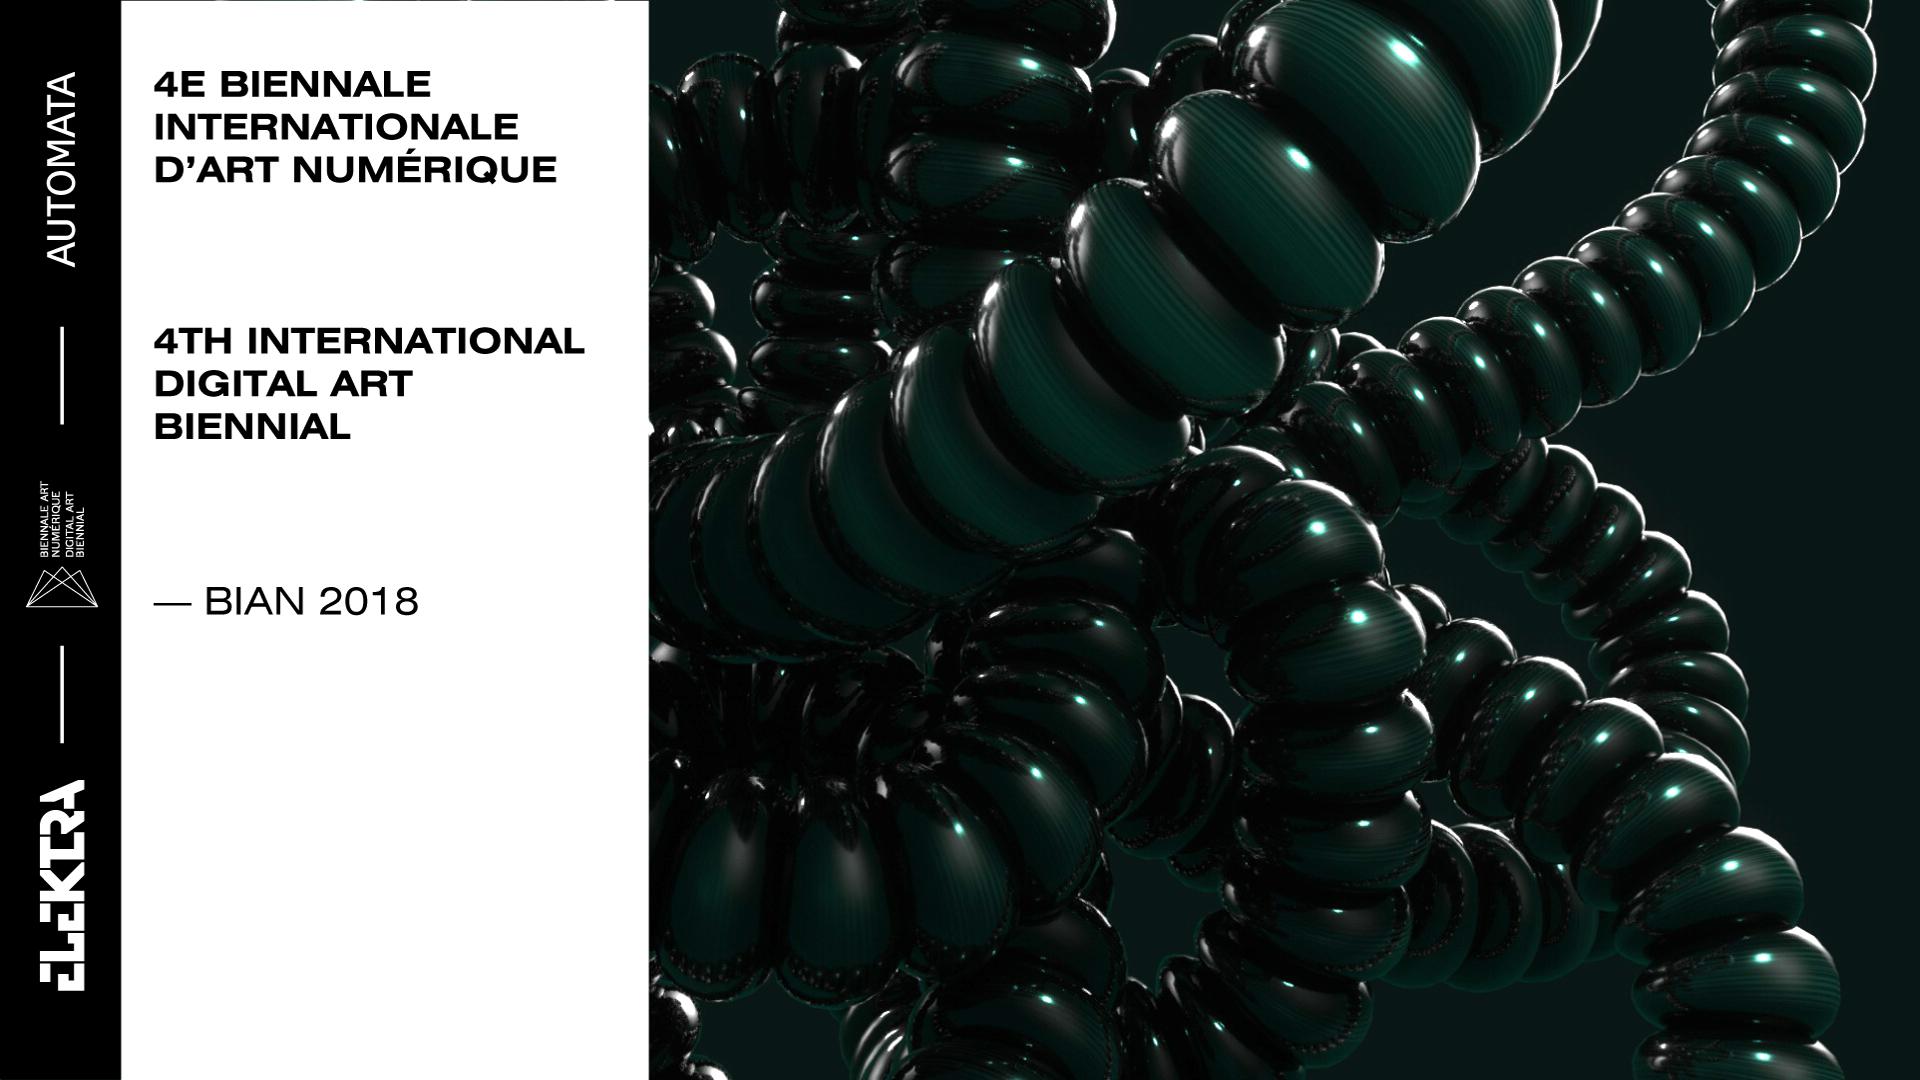 Cinq artistes à ne pas manquer lors de la Biennale internationale d'art numérique (BIAN) à Montréal